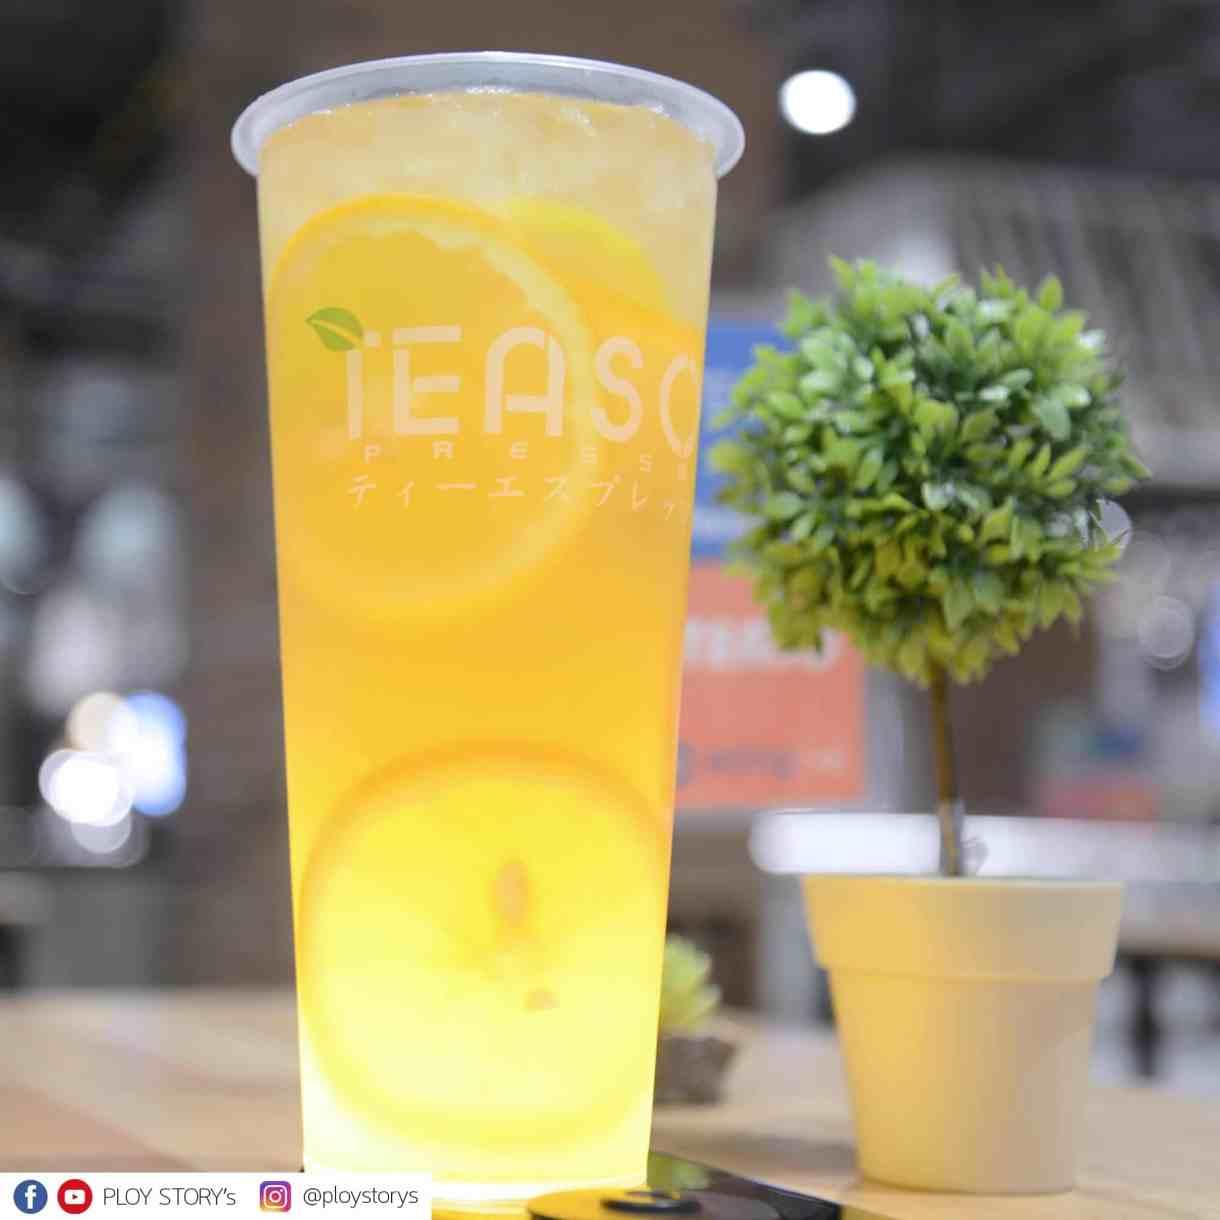 - 13 - รีวิวร้านชา TEASO สวรรค์ของคนรักชา ต้นตำรับจากฮ่องกง คนลดน้ำหนักกินได้แบบไม่รู้สึกผิด